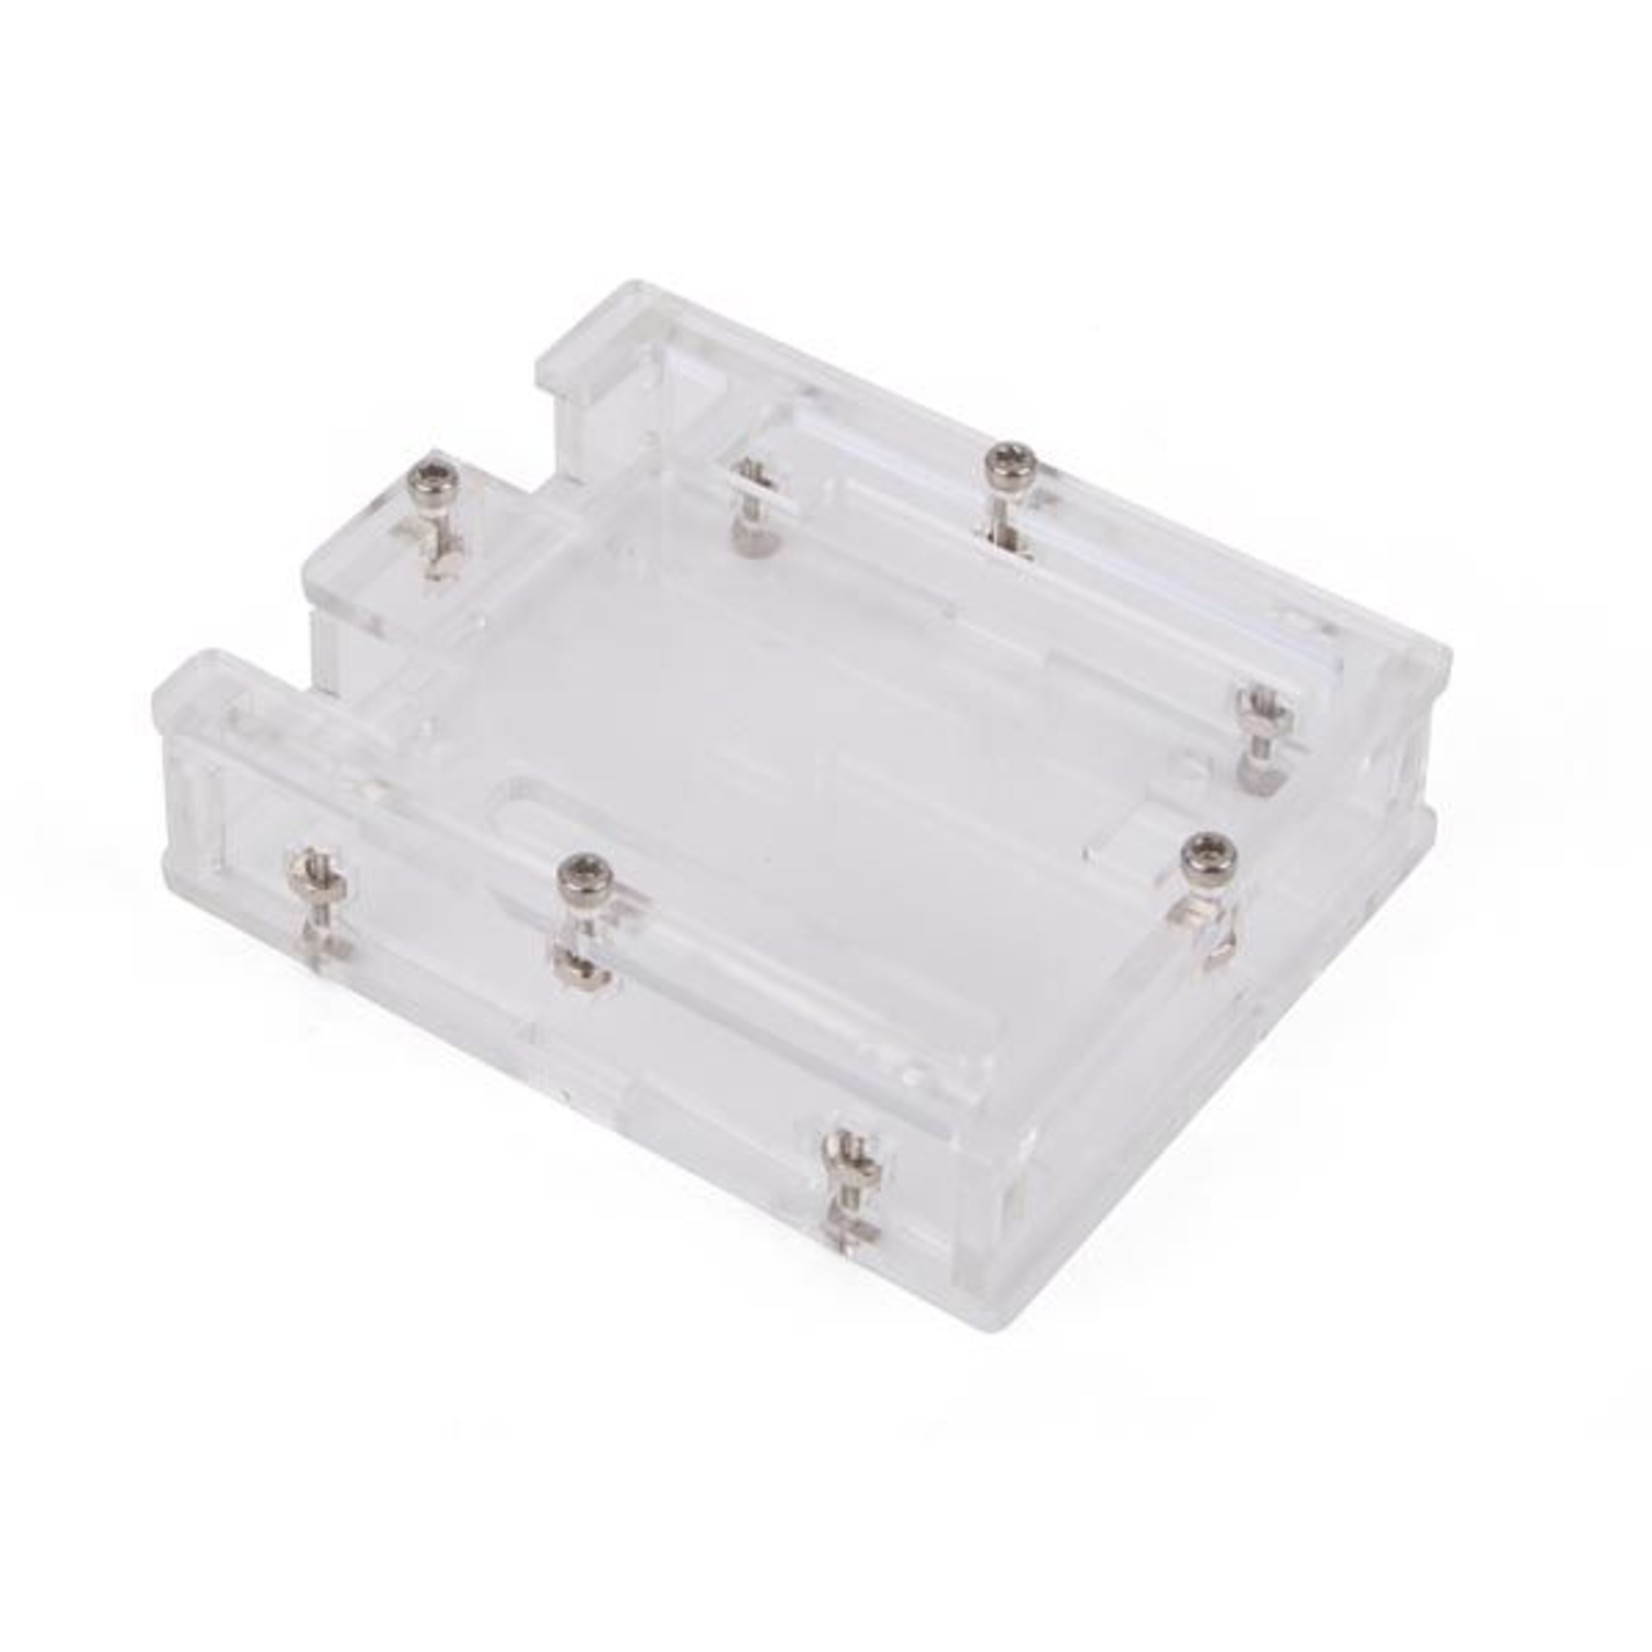 Velleman Transparante behuizing voor ARDUINO® UNO R3